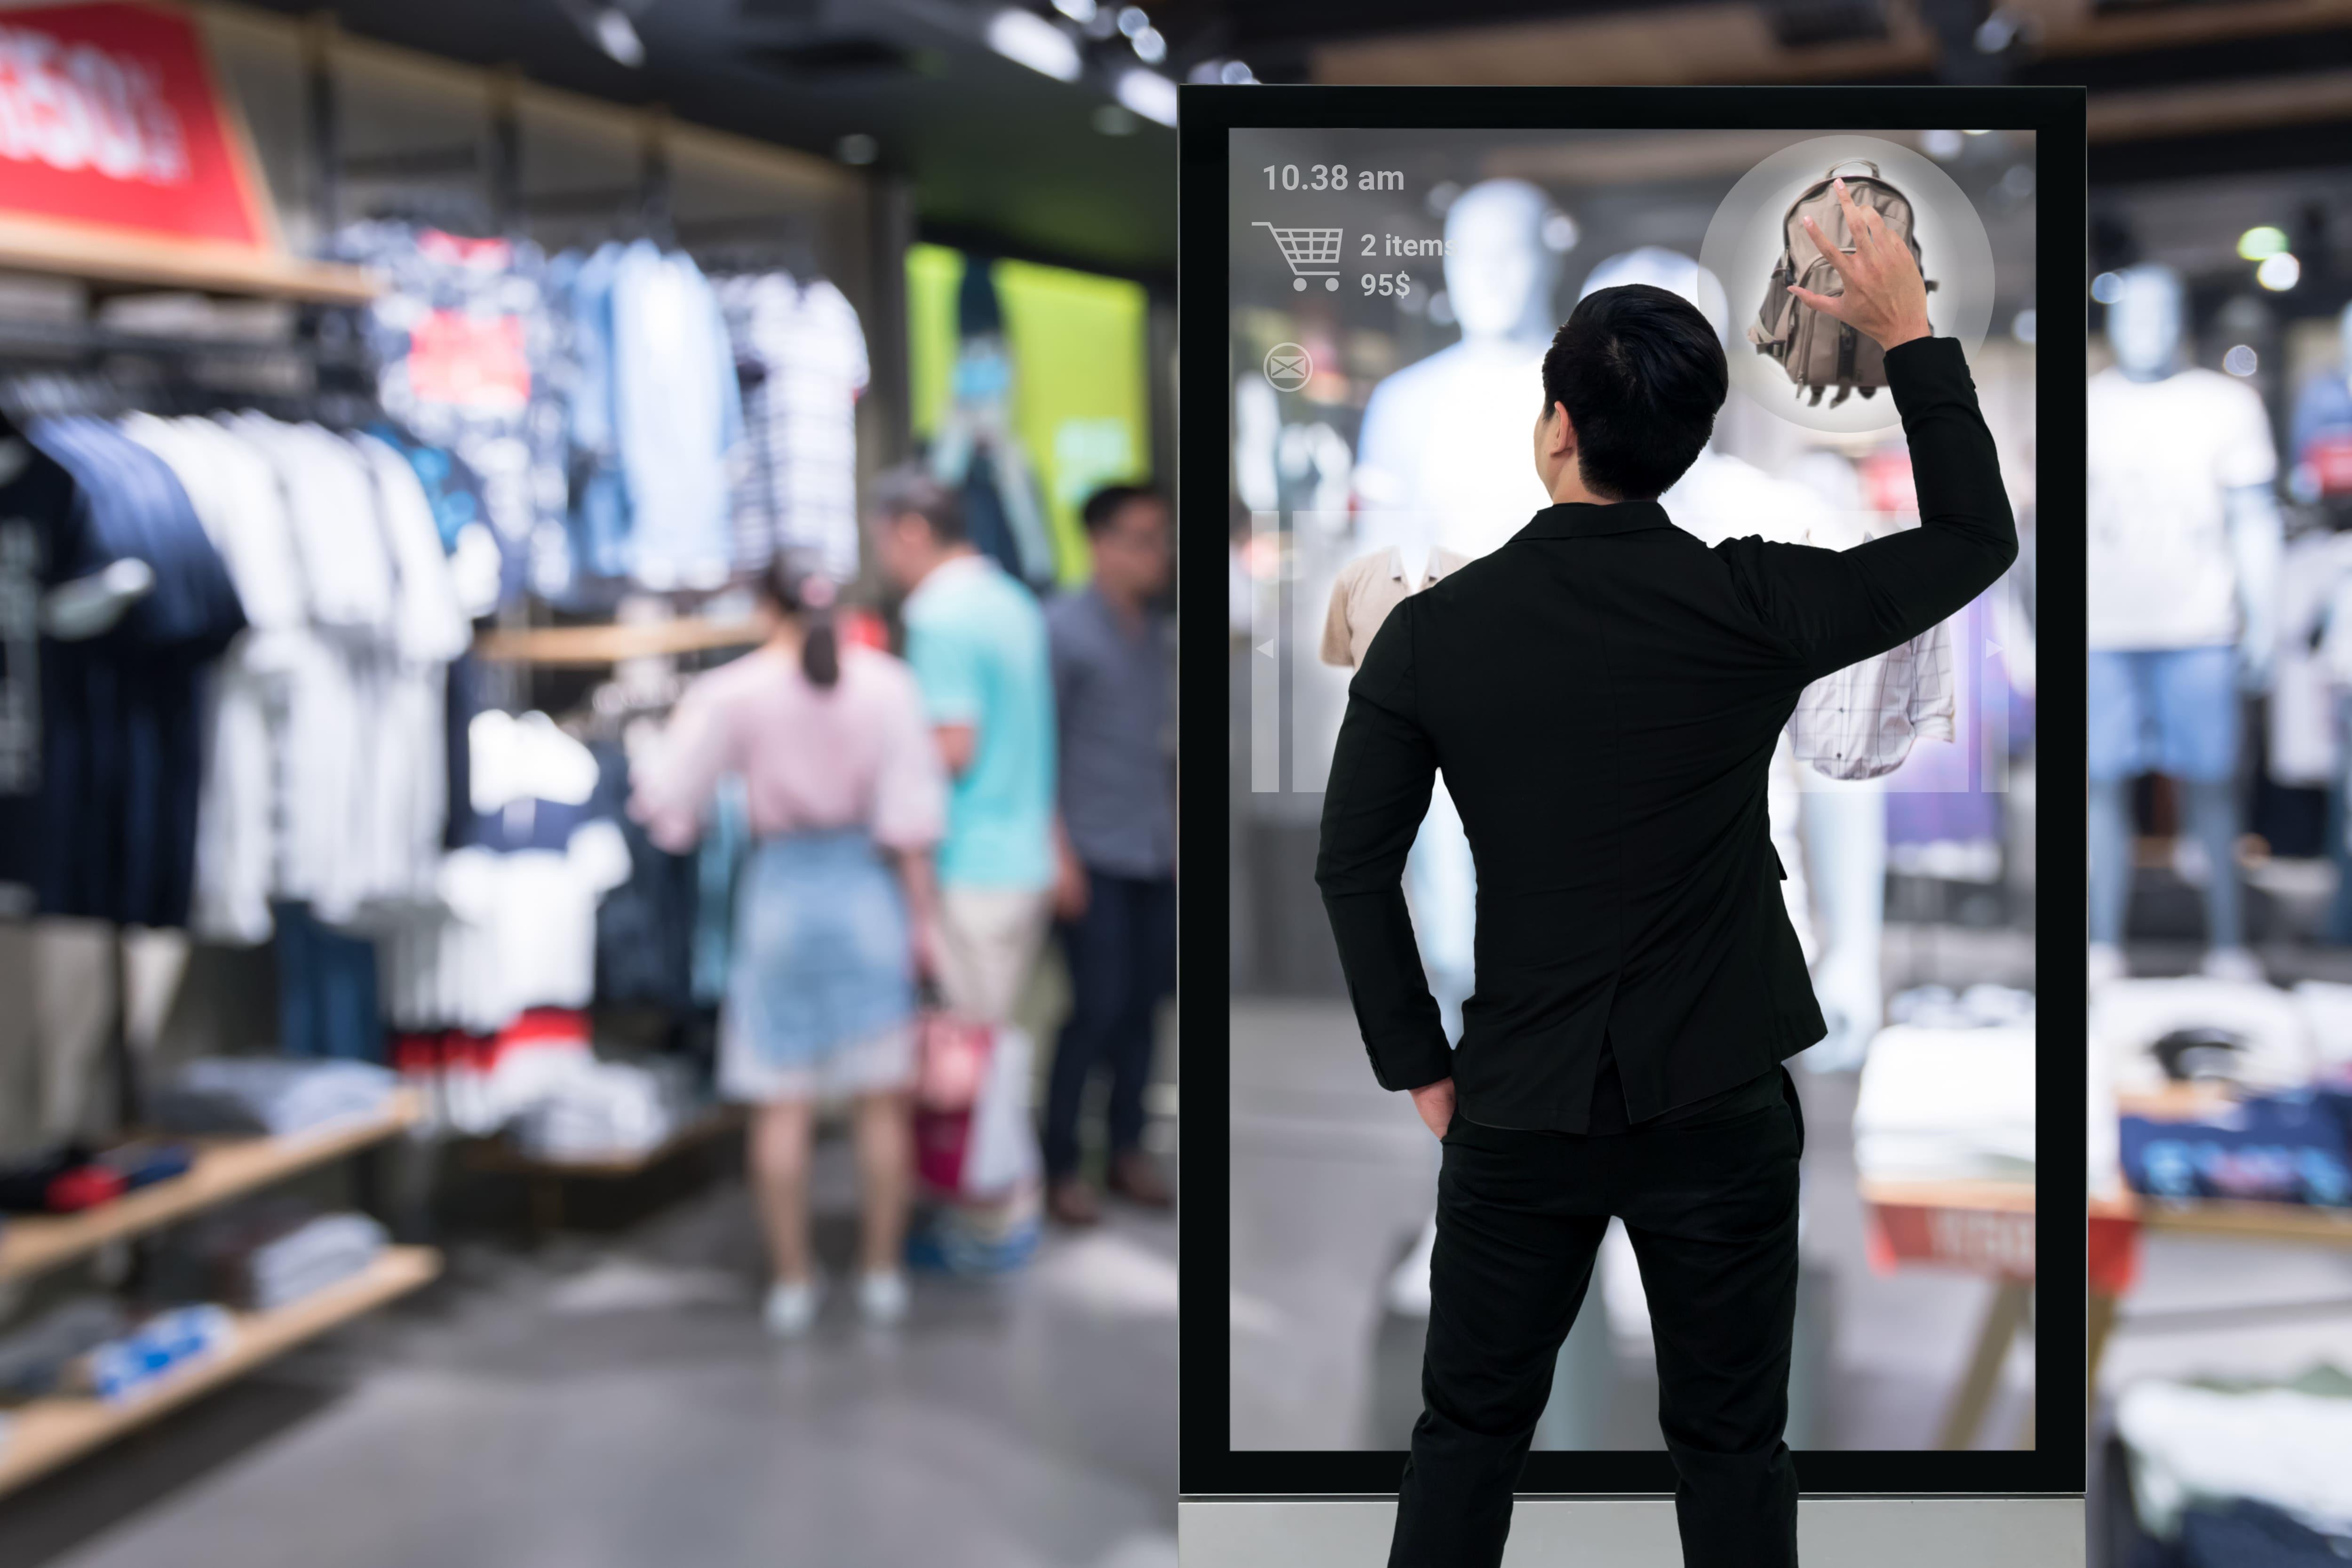 virtual reality application for retail: virtual showroom